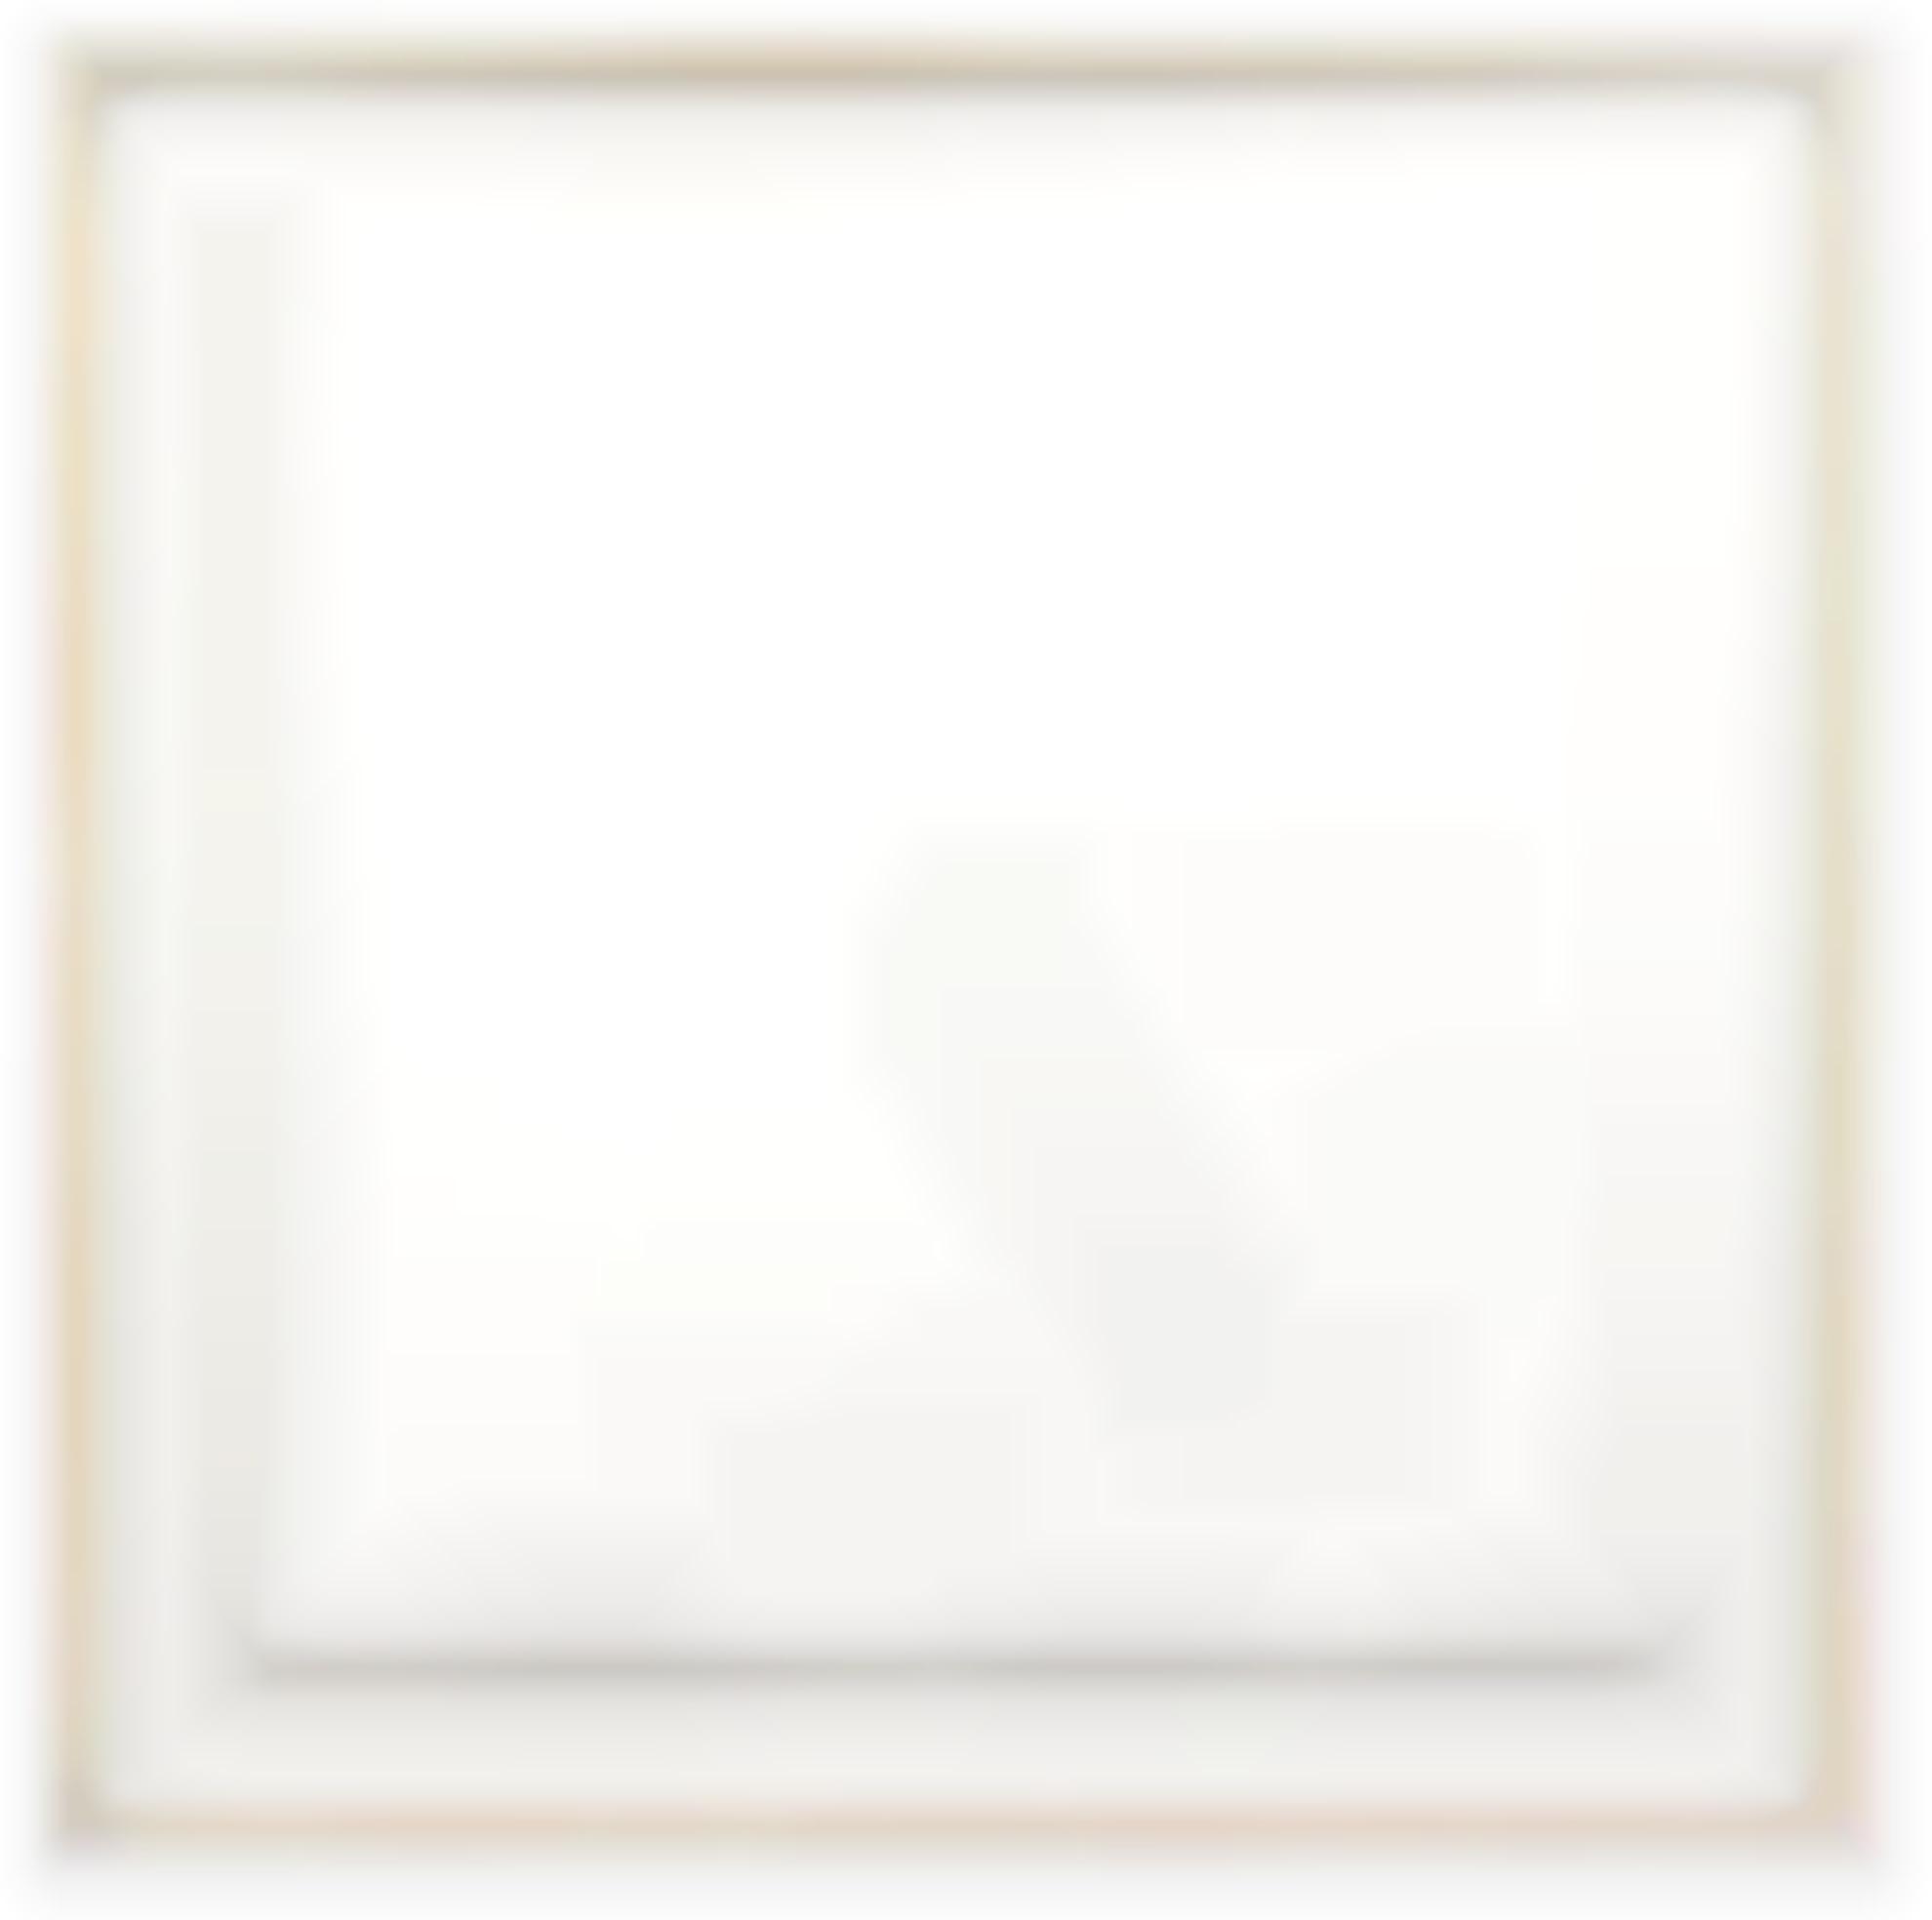 Francois Morellet-Angle Pliage 120°, Angle Mediane 60°-1977